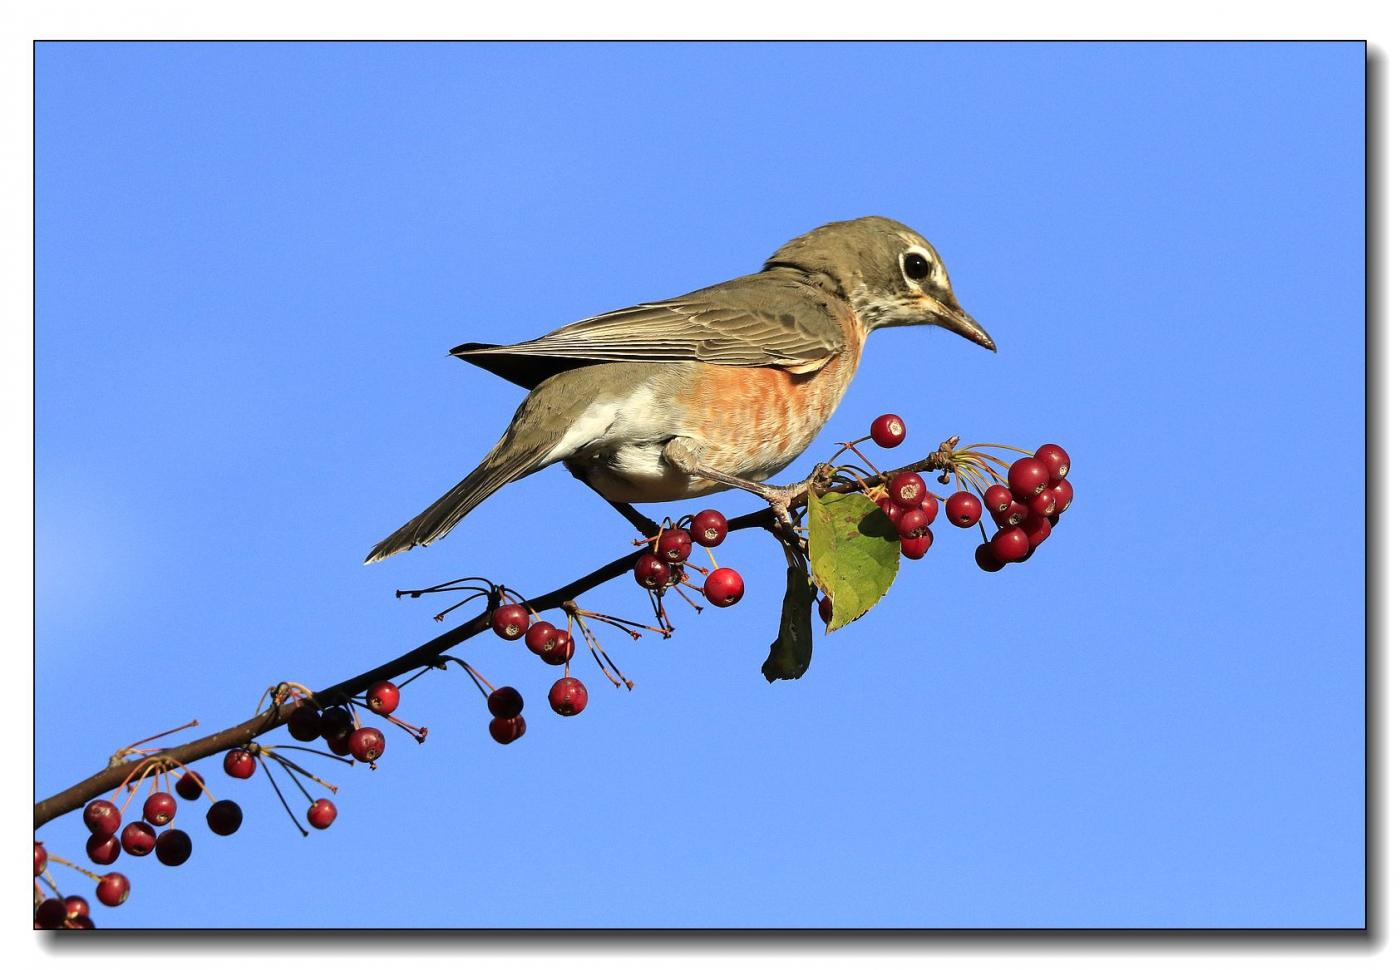 果熟鸟来图-知更鸟_图1-8